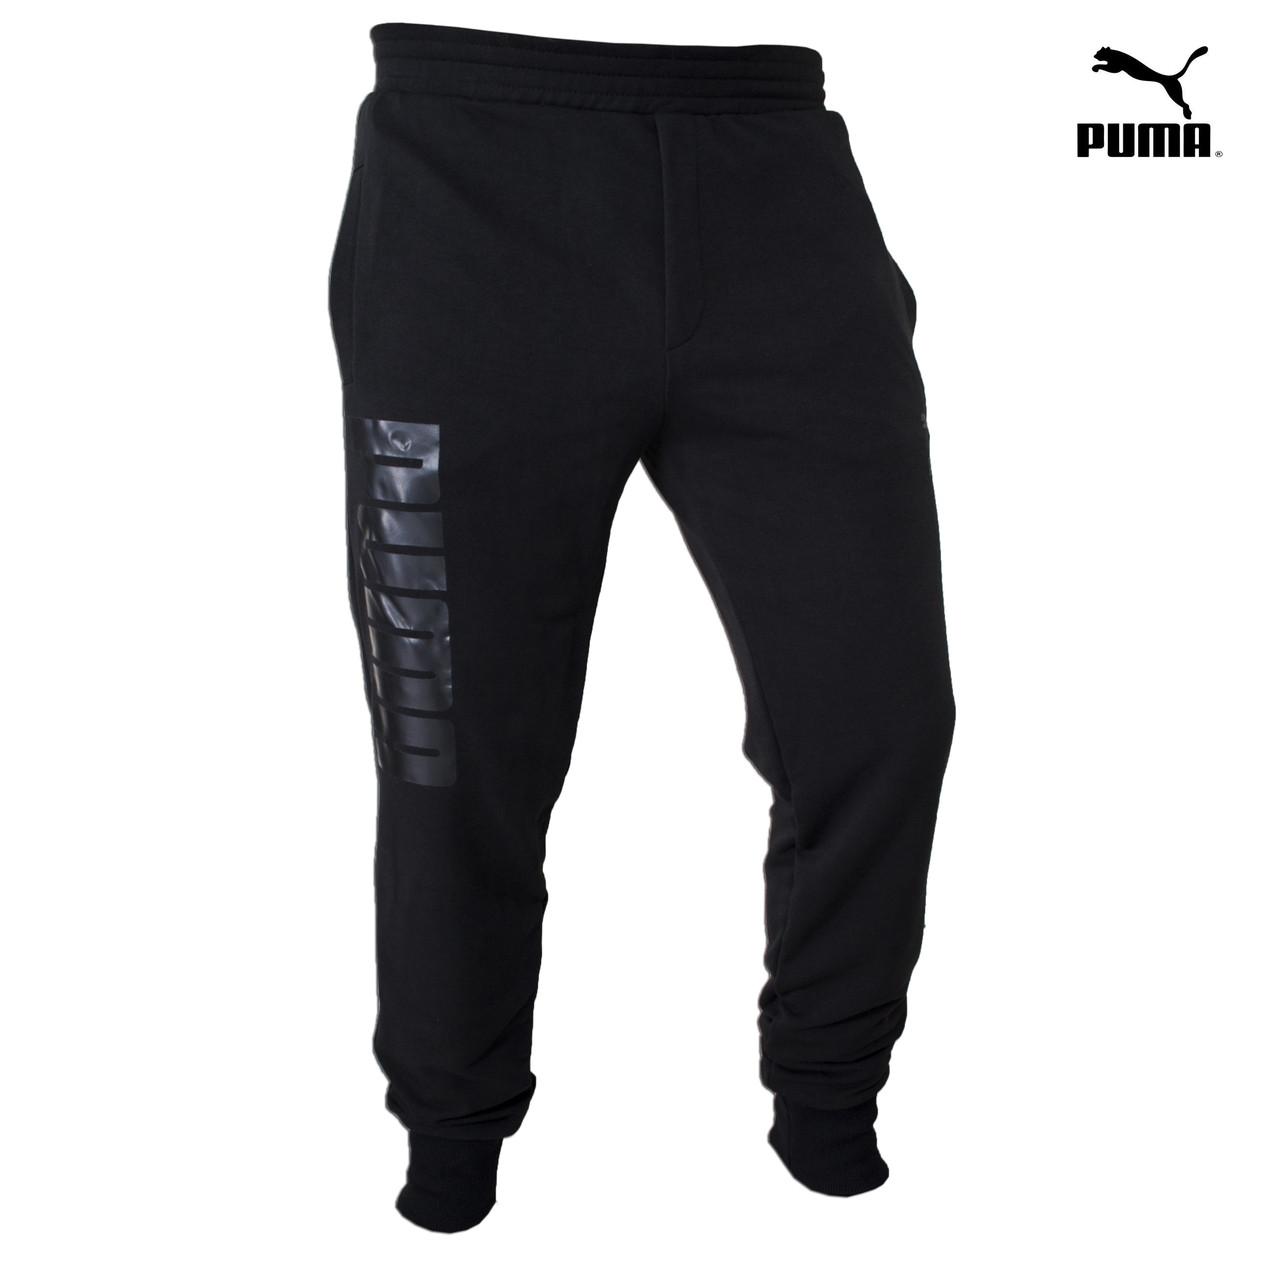 Штаны спортивные мужские Puma (Пума) - черные, хлопковые, с логотипом